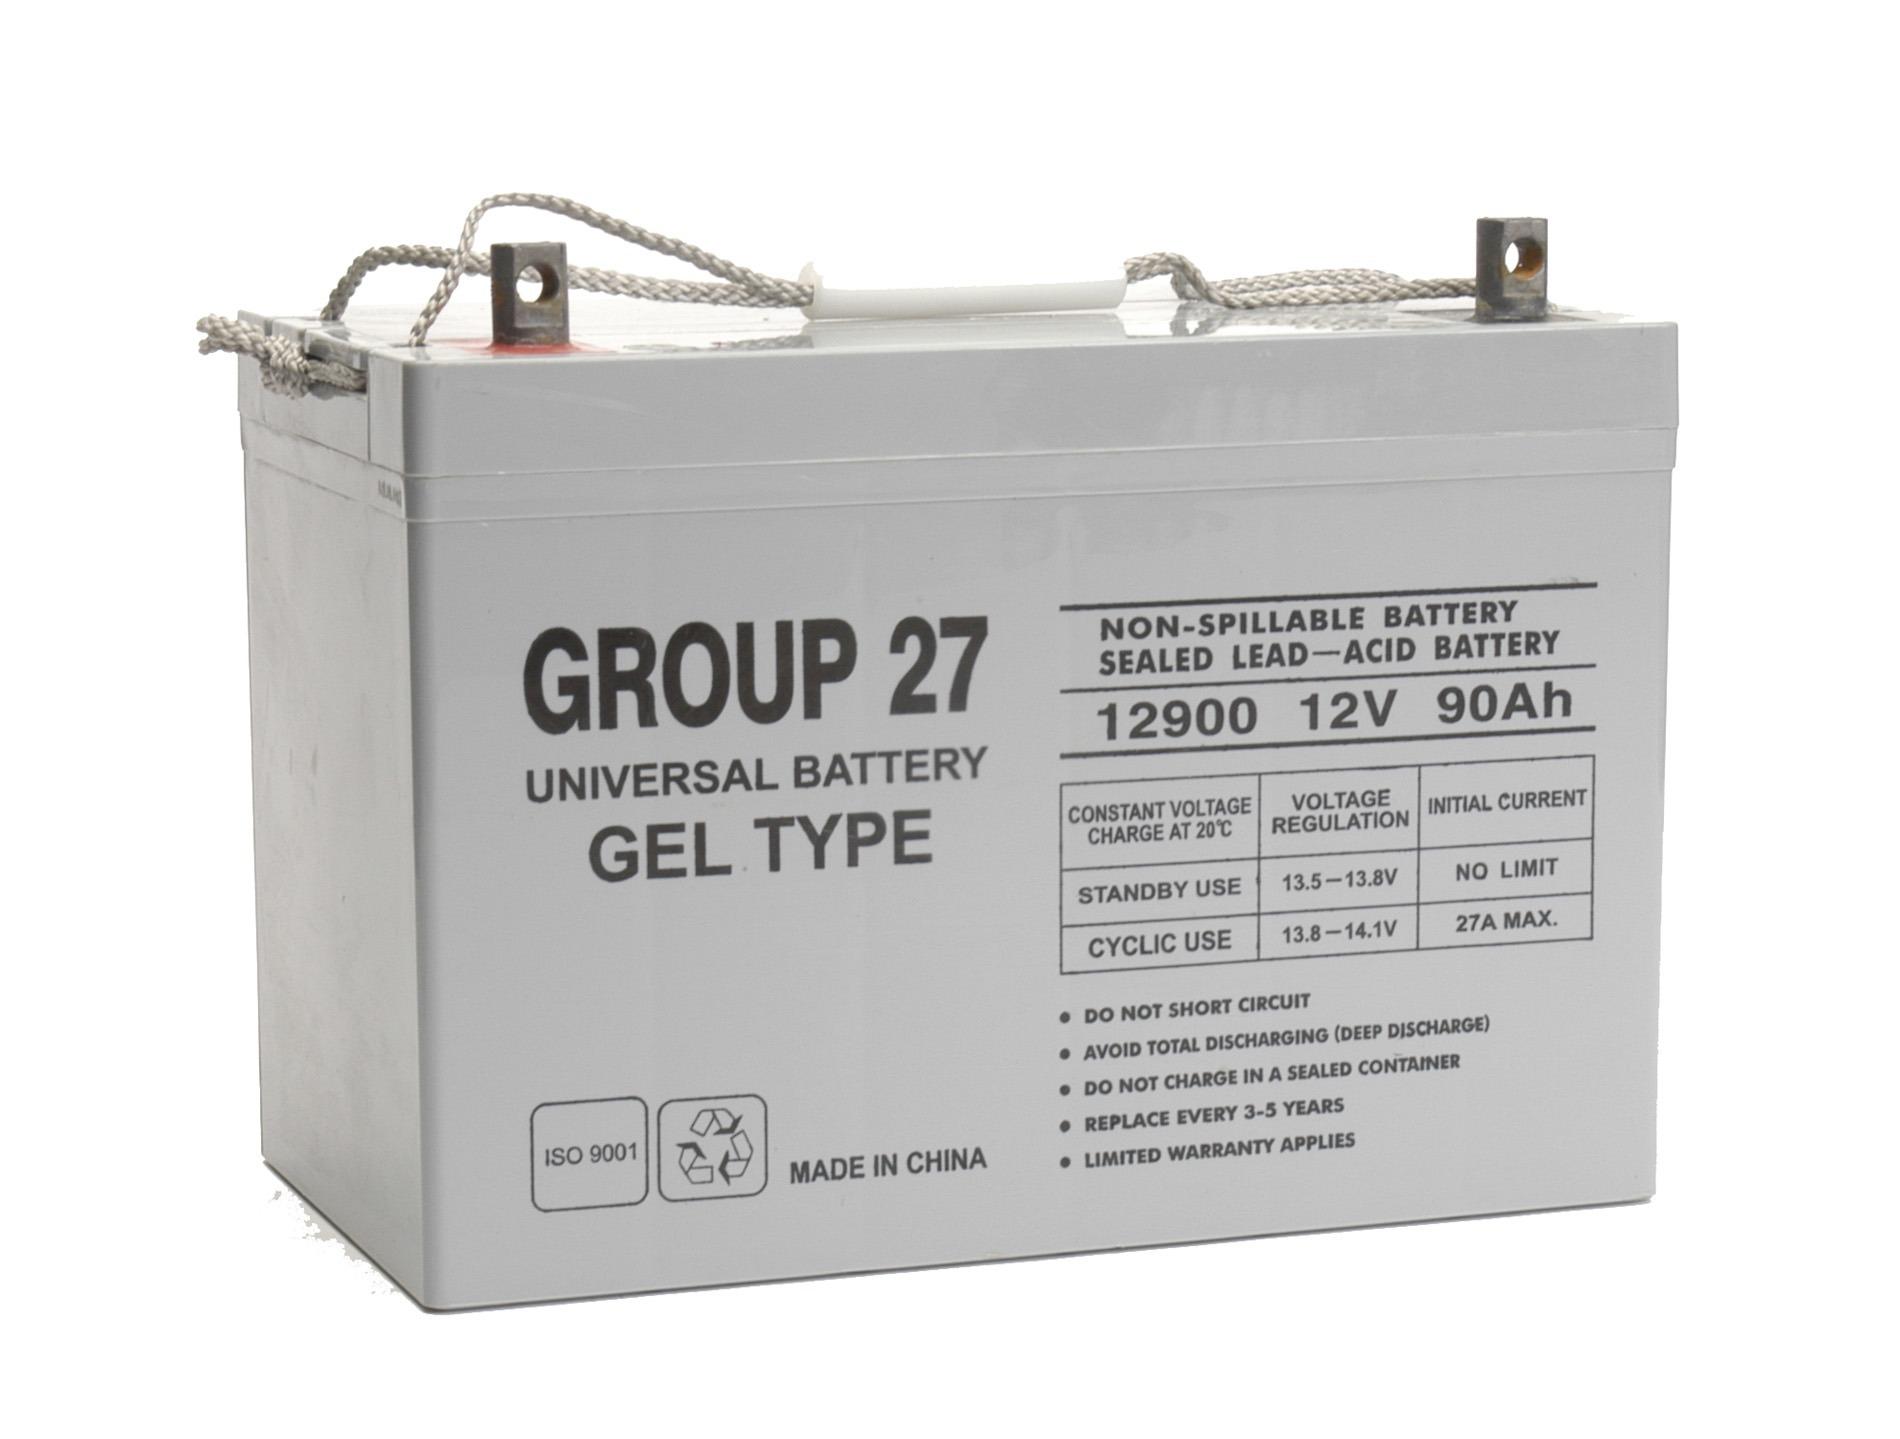 UB12900 (Group 27) 12v 90ah Gel Battery for Pride Wrangler PMV 4-Wheel